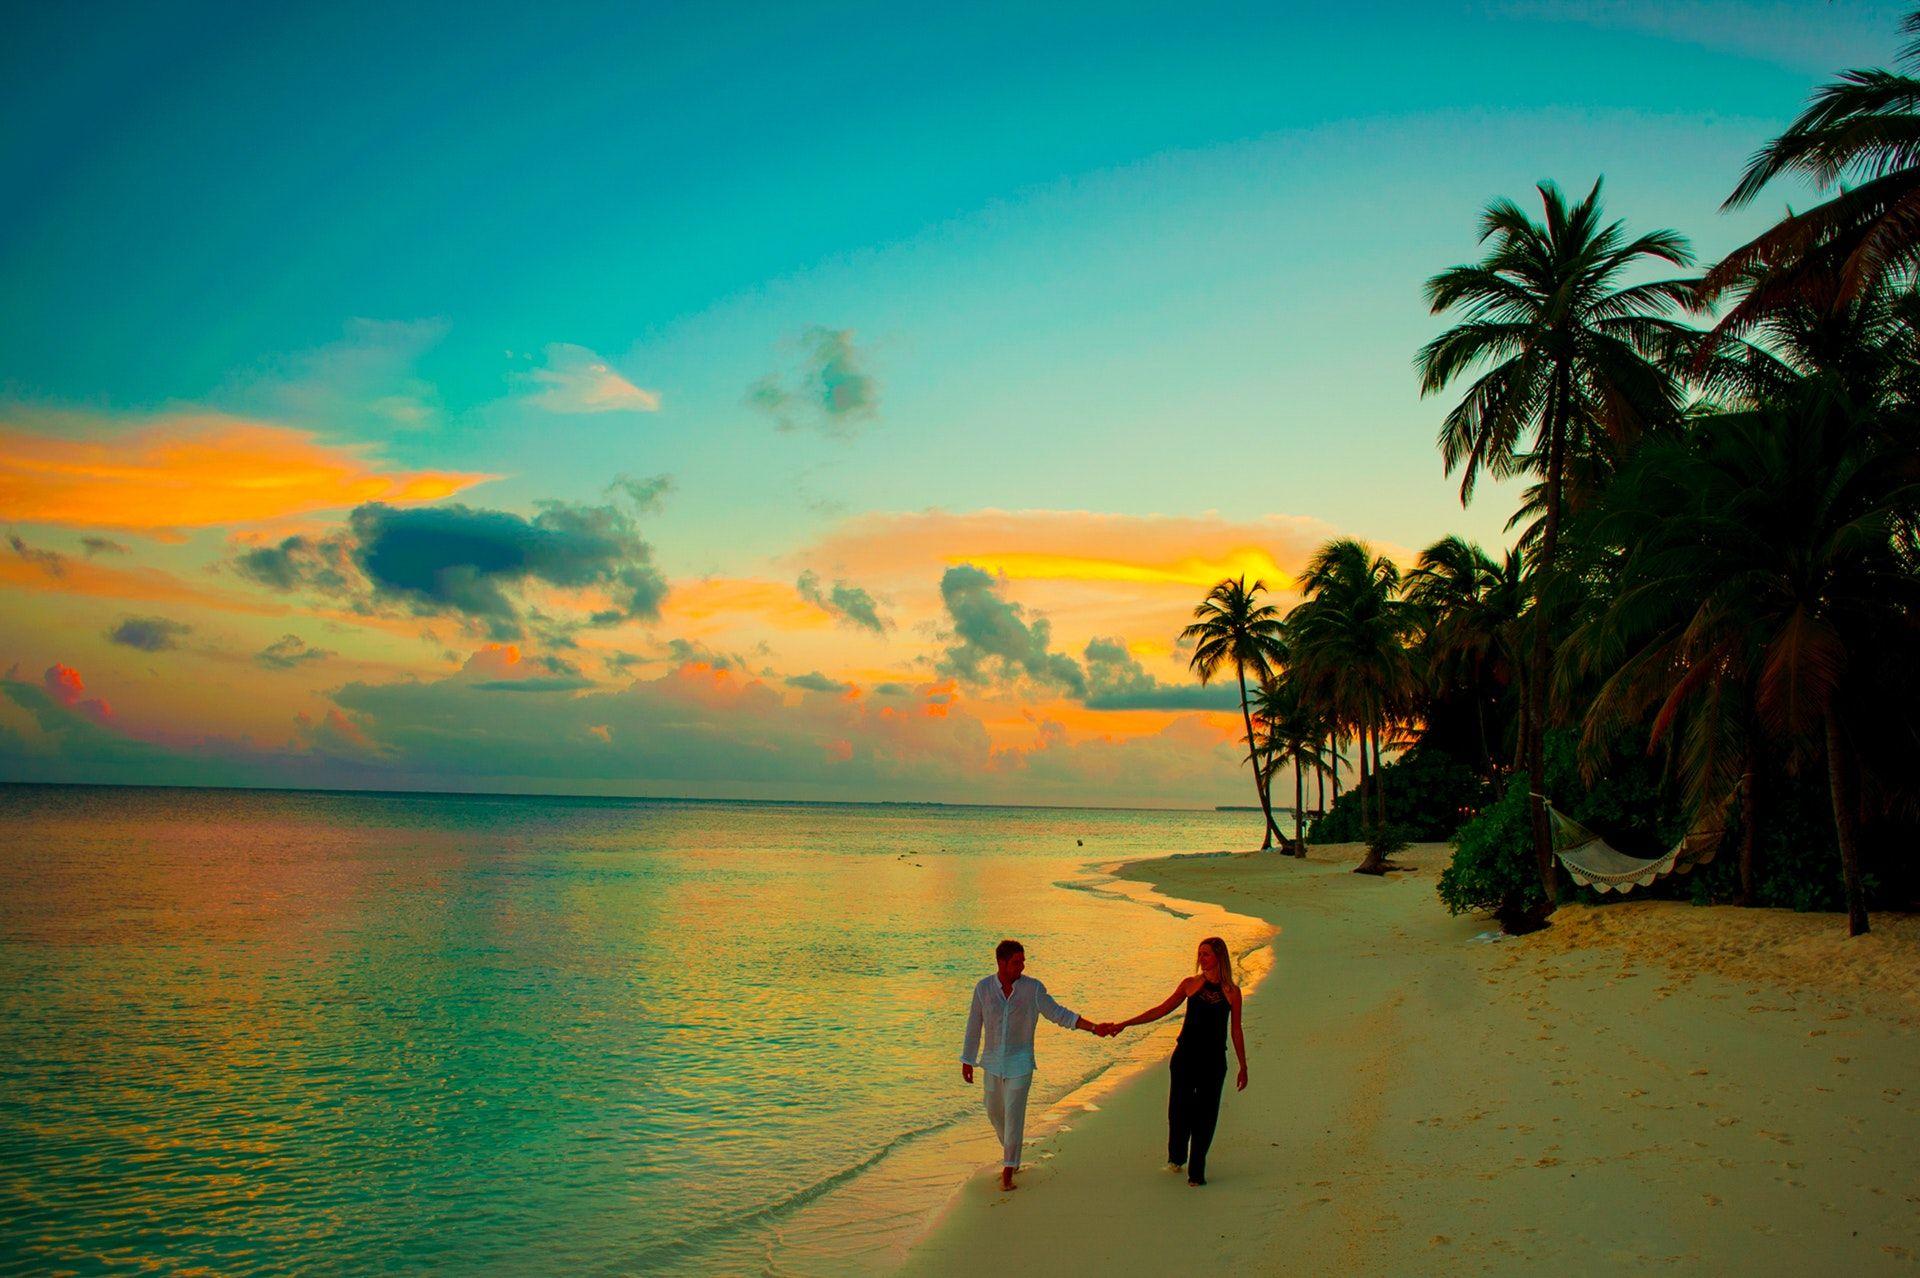 عکس زمینه زن و مرد در غروب ساحل پس زمینه